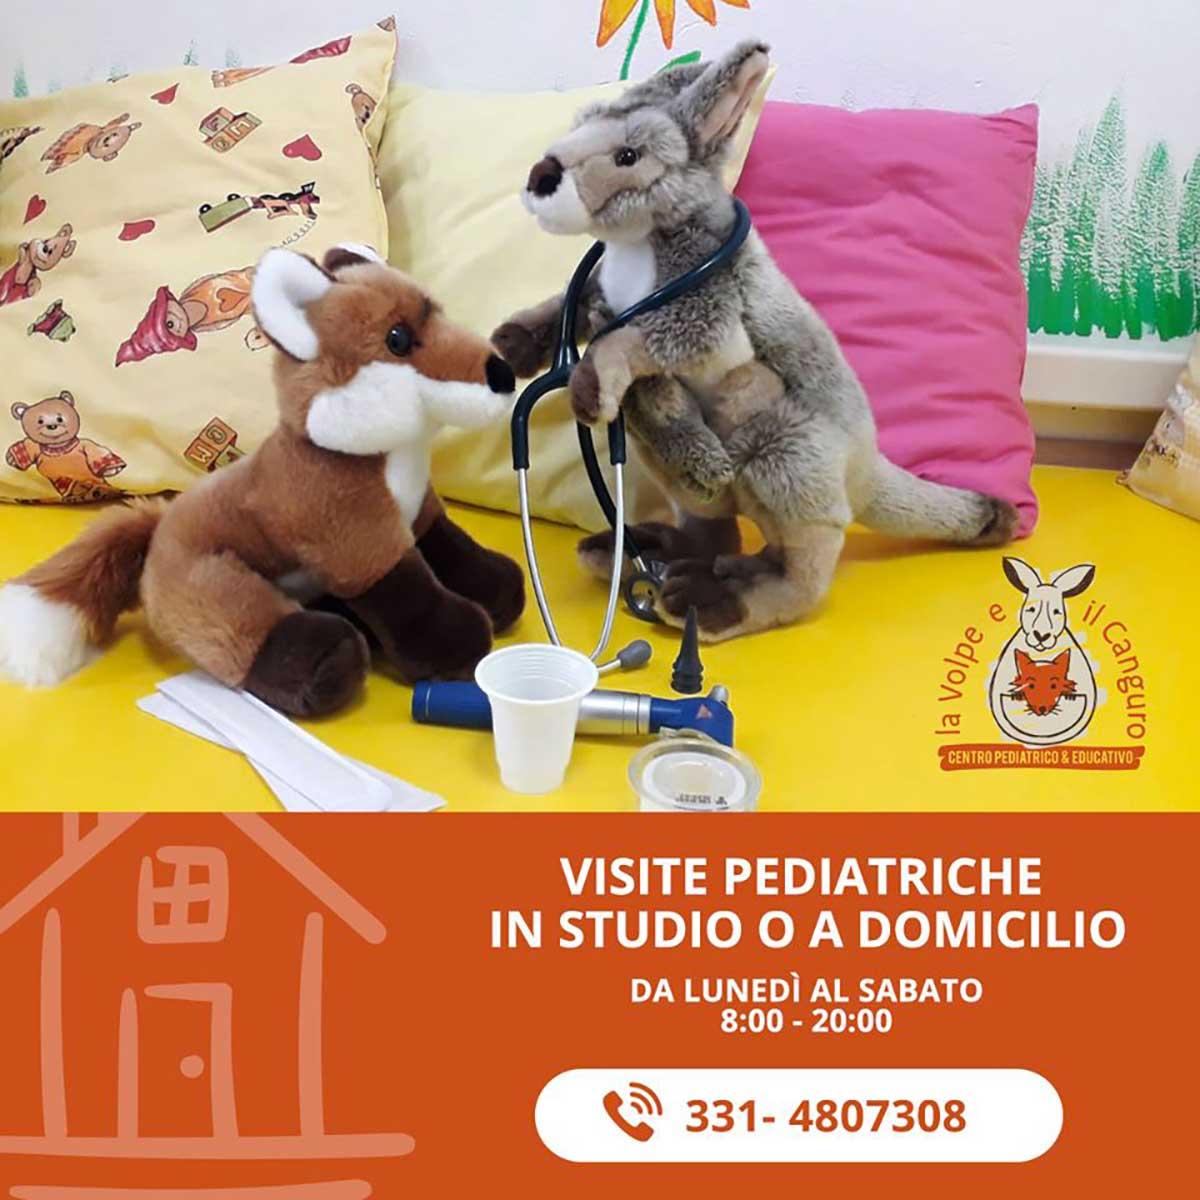 visite-pediatriche-domicilio-volpe-canguro